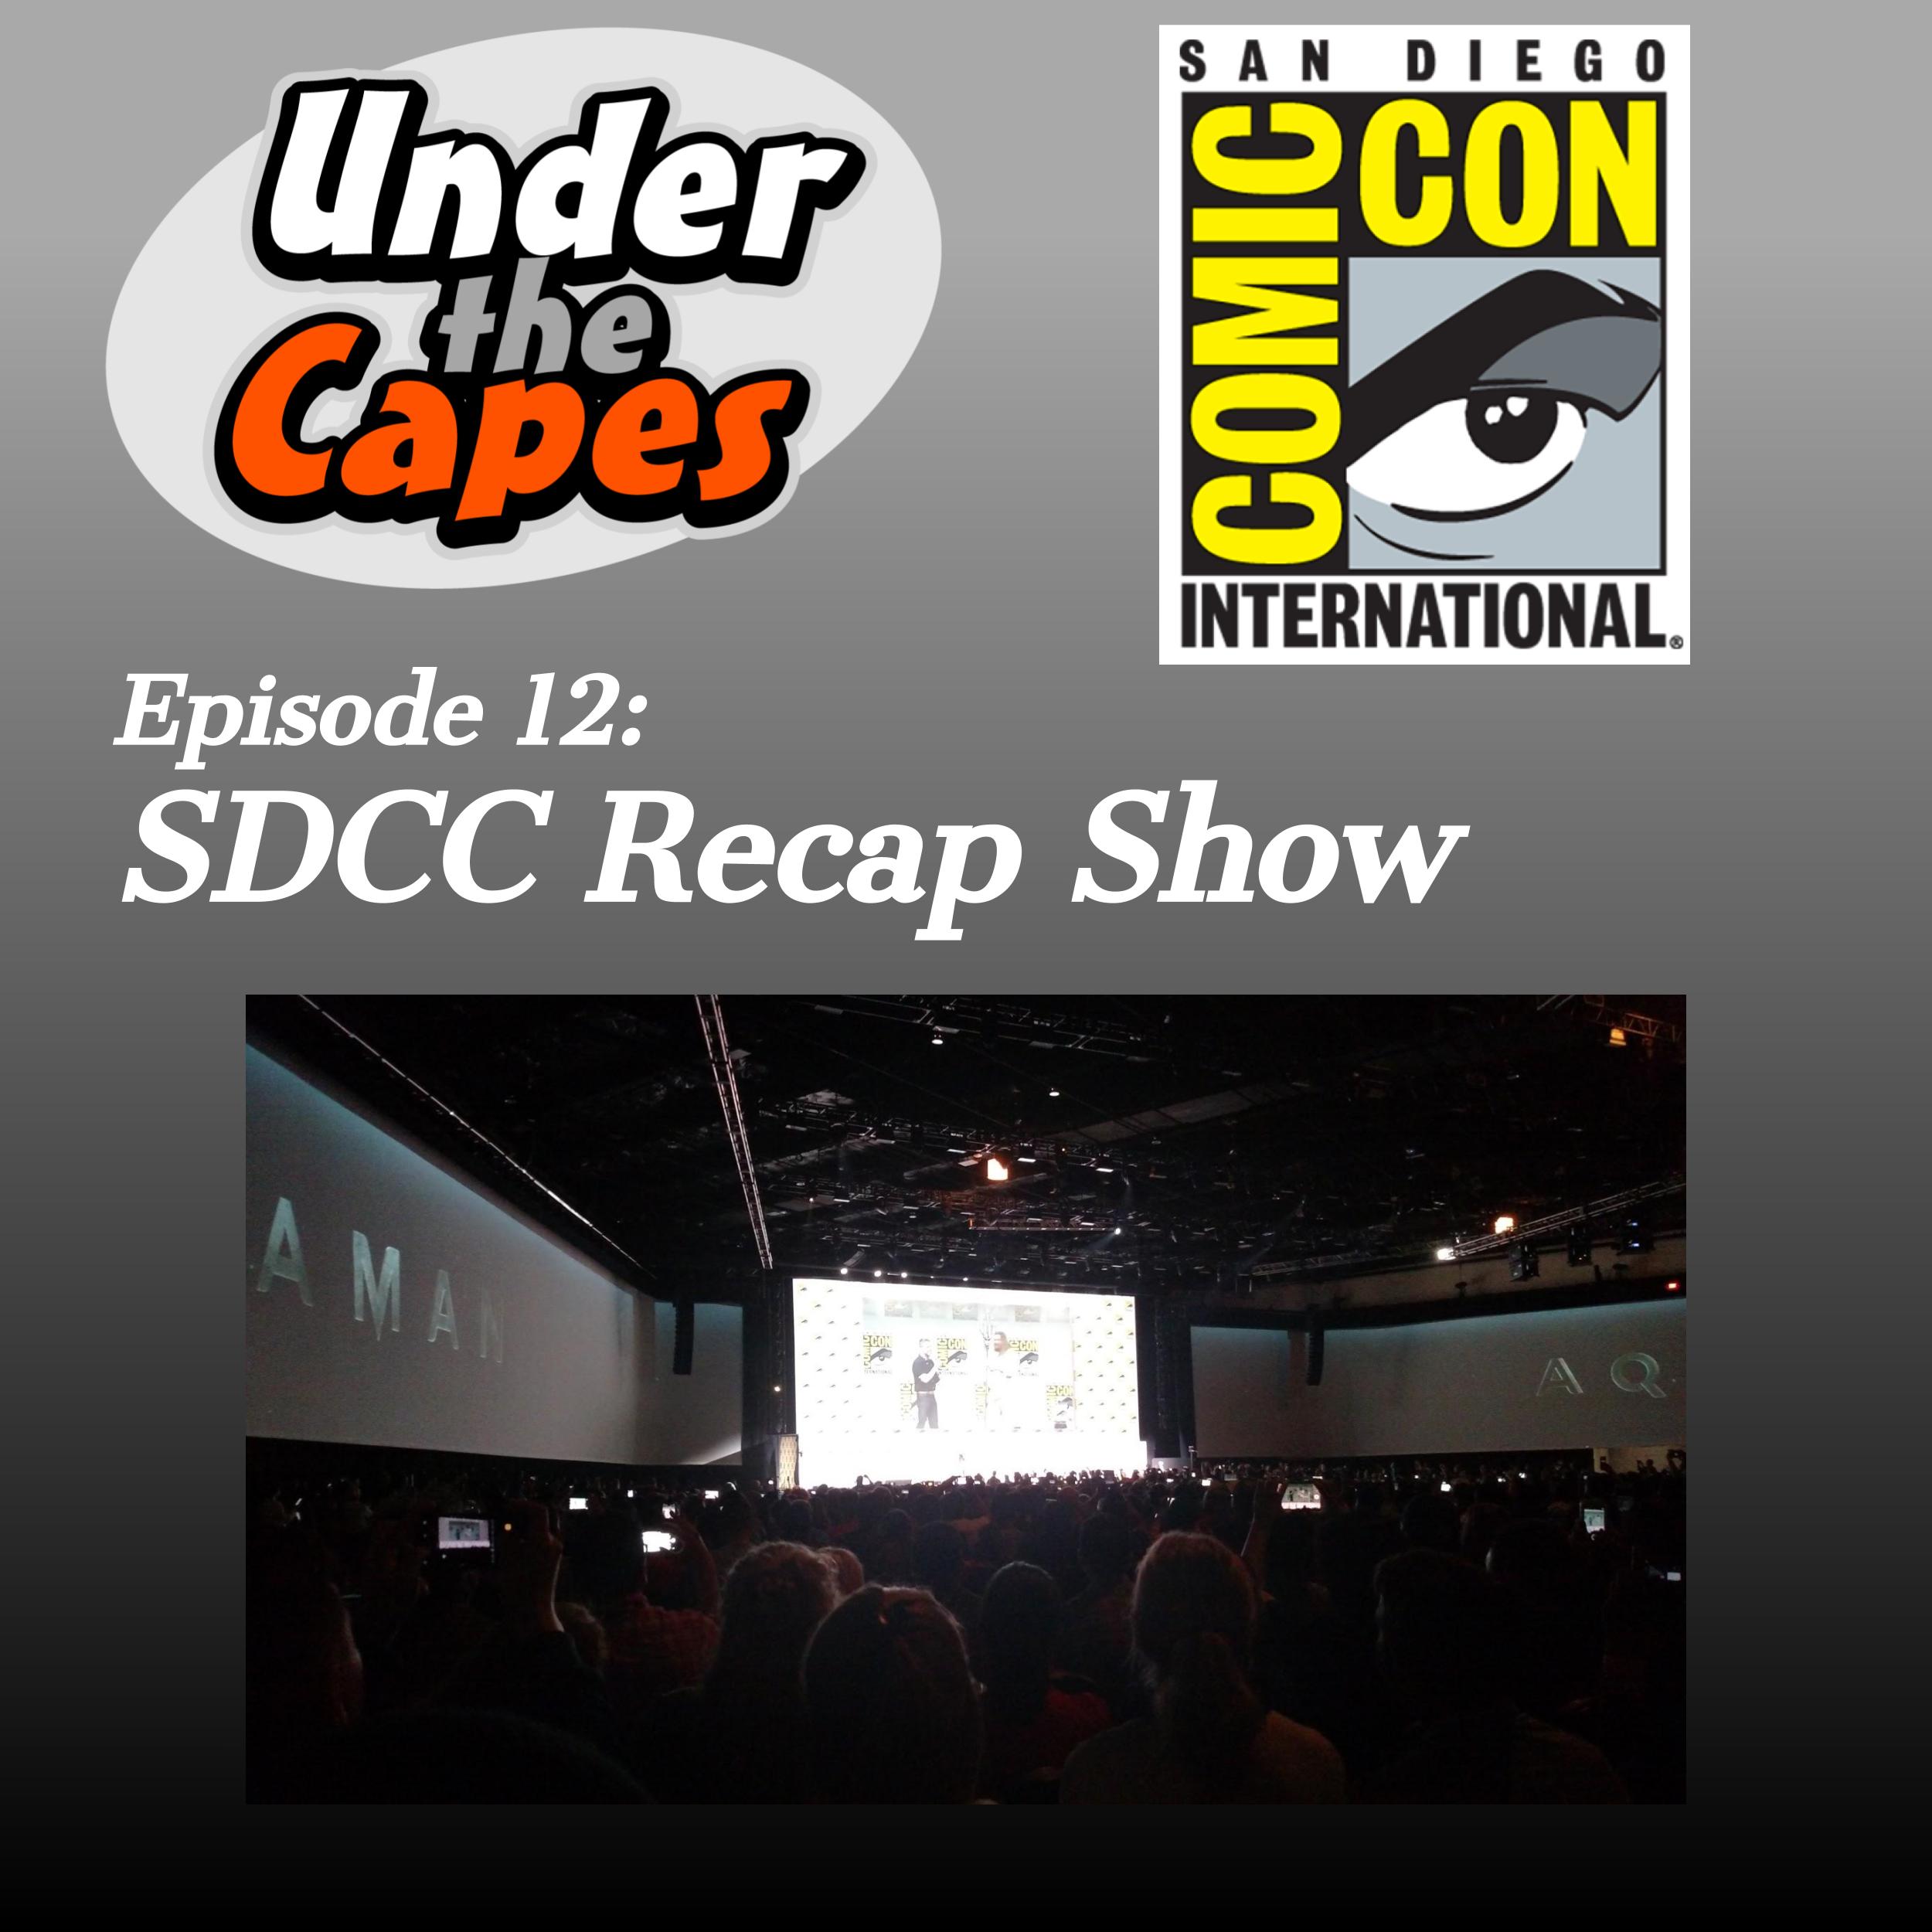 Episode 12: Special SDCC Recap Show